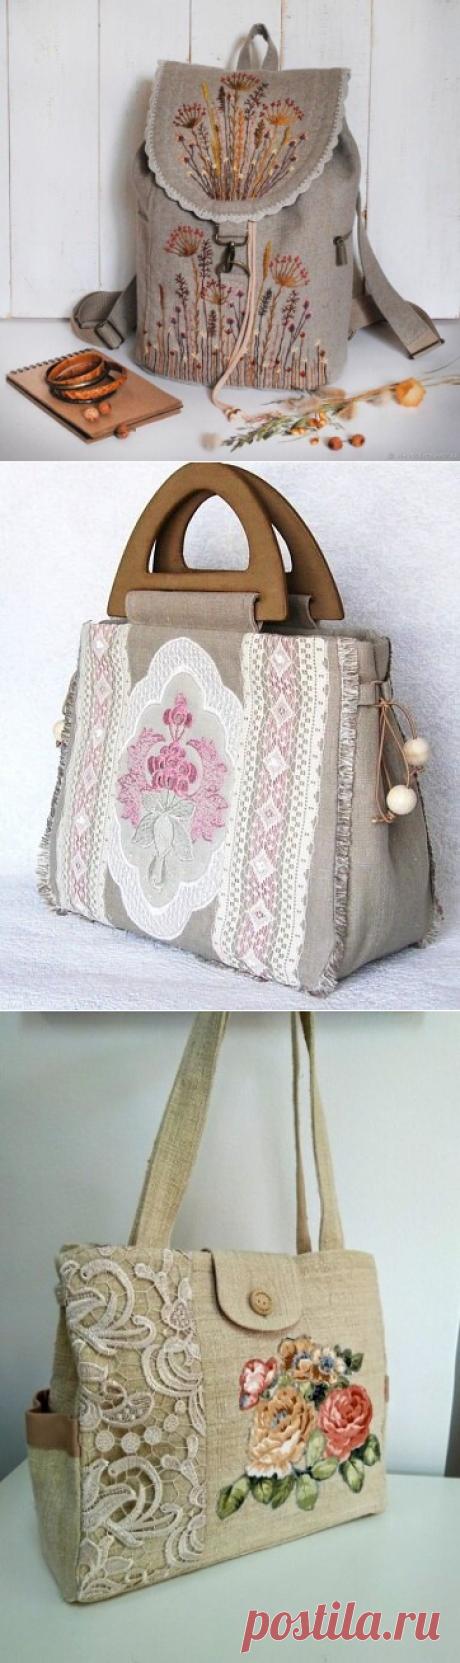 Ах, какие чудесные сумки на лето из рогожки и льна в стиле Бохо! Обязательно полюбуйтесь и сшейте себе такую красоту | Вертолет на пенсии | Яндекс Дзен